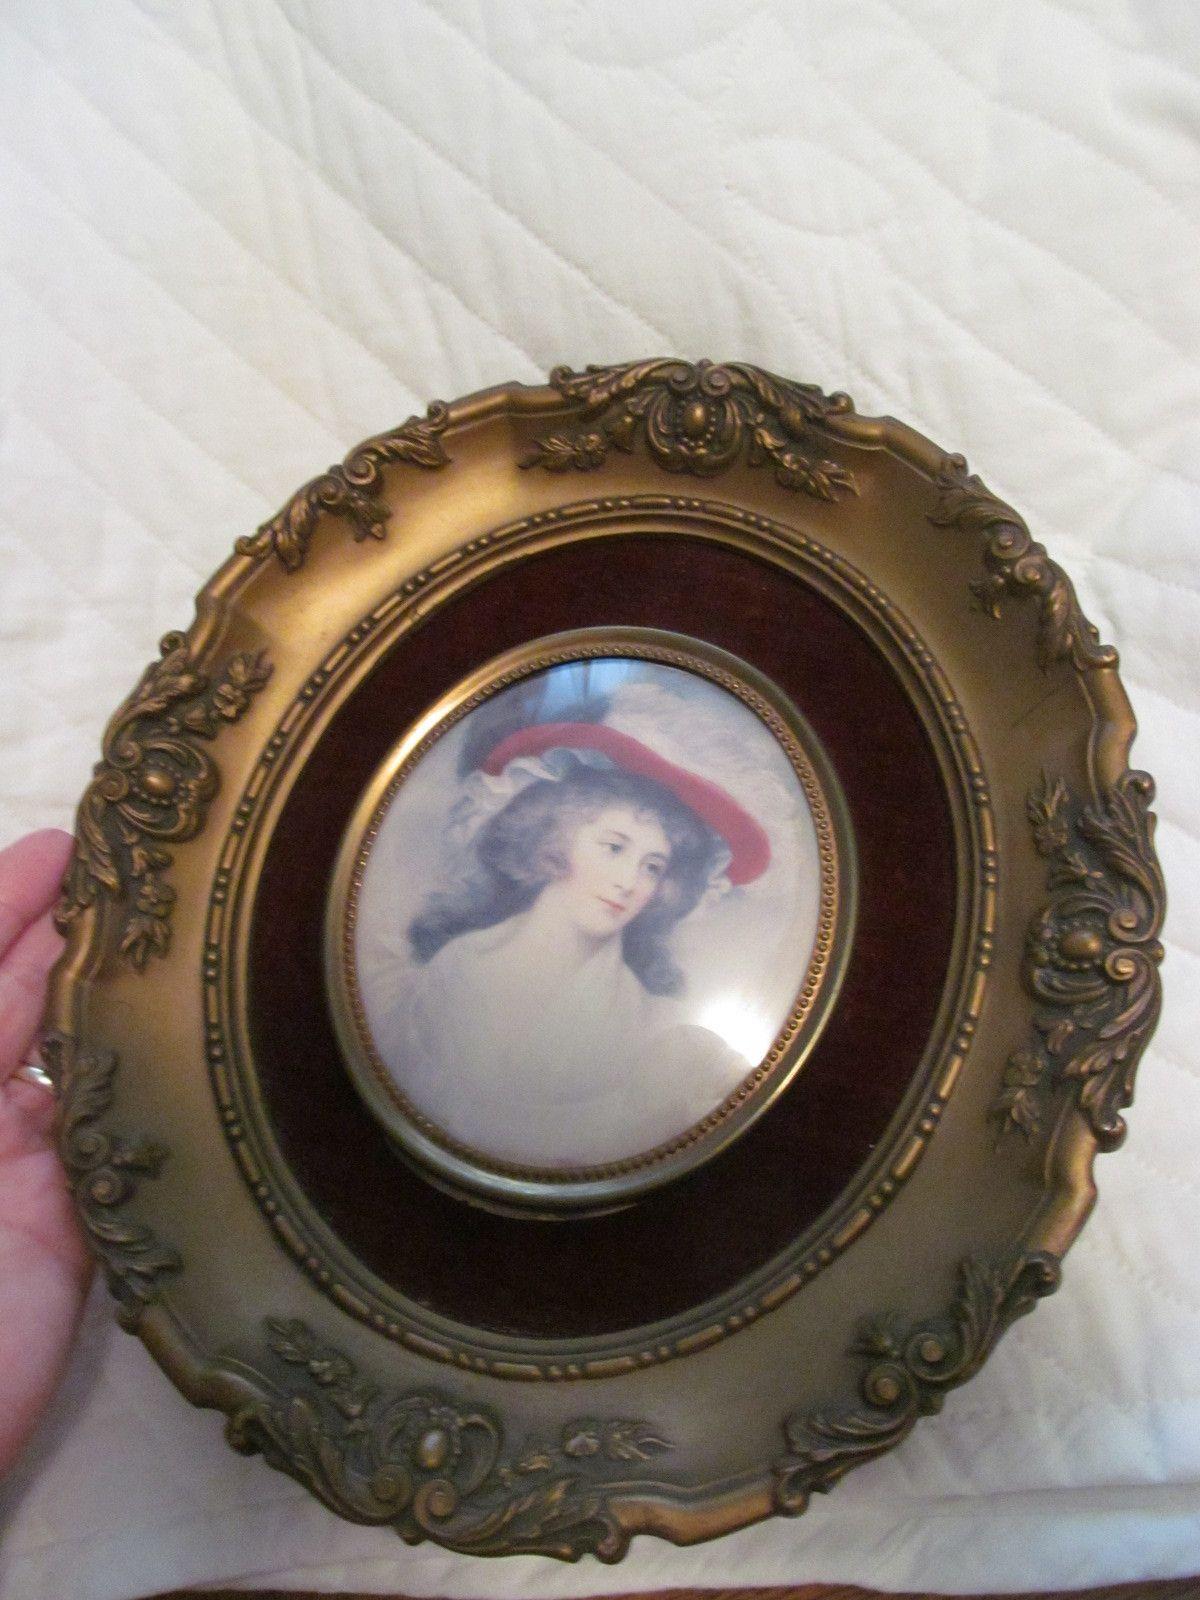 Huge Vintage Cameo Creation Framed Print Miss Tickle Convex Glass Ornate Frame   eBay